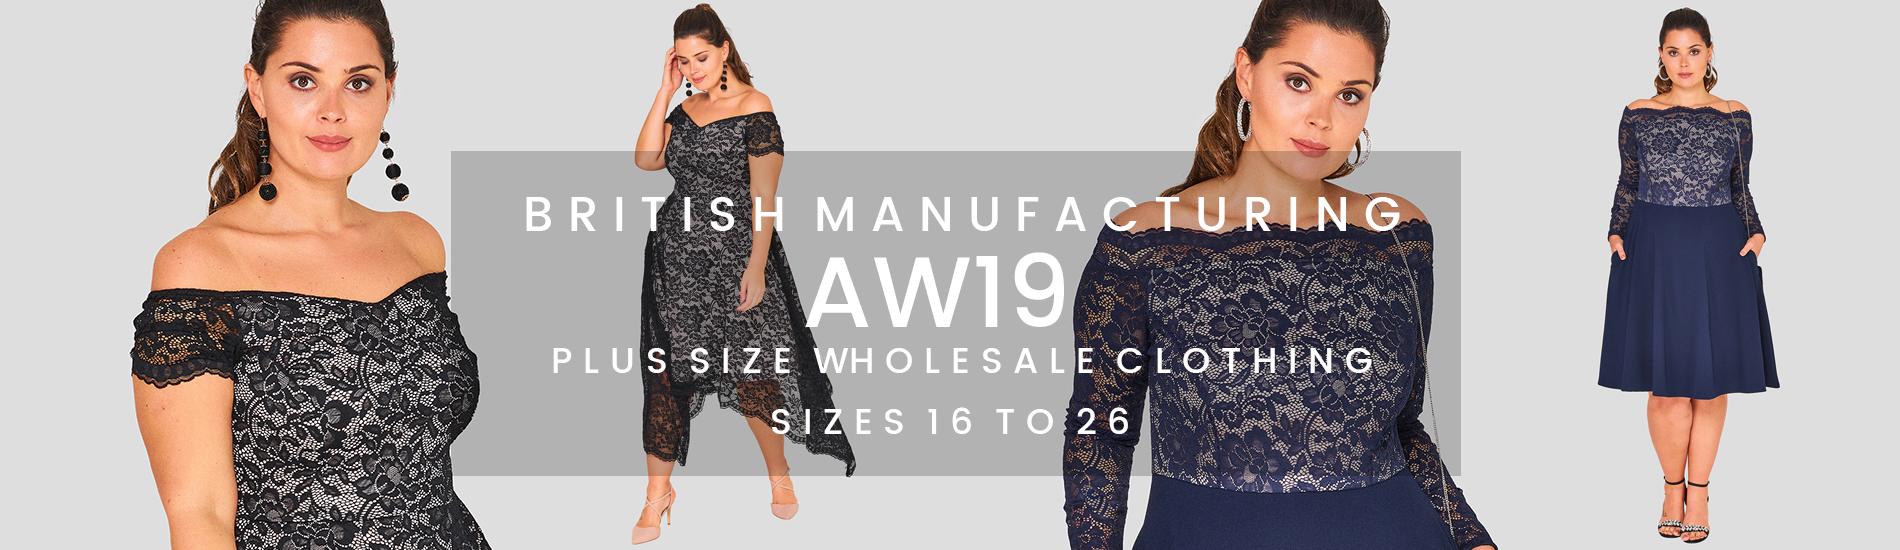 AW16 Wholesale Plus Size Clothing